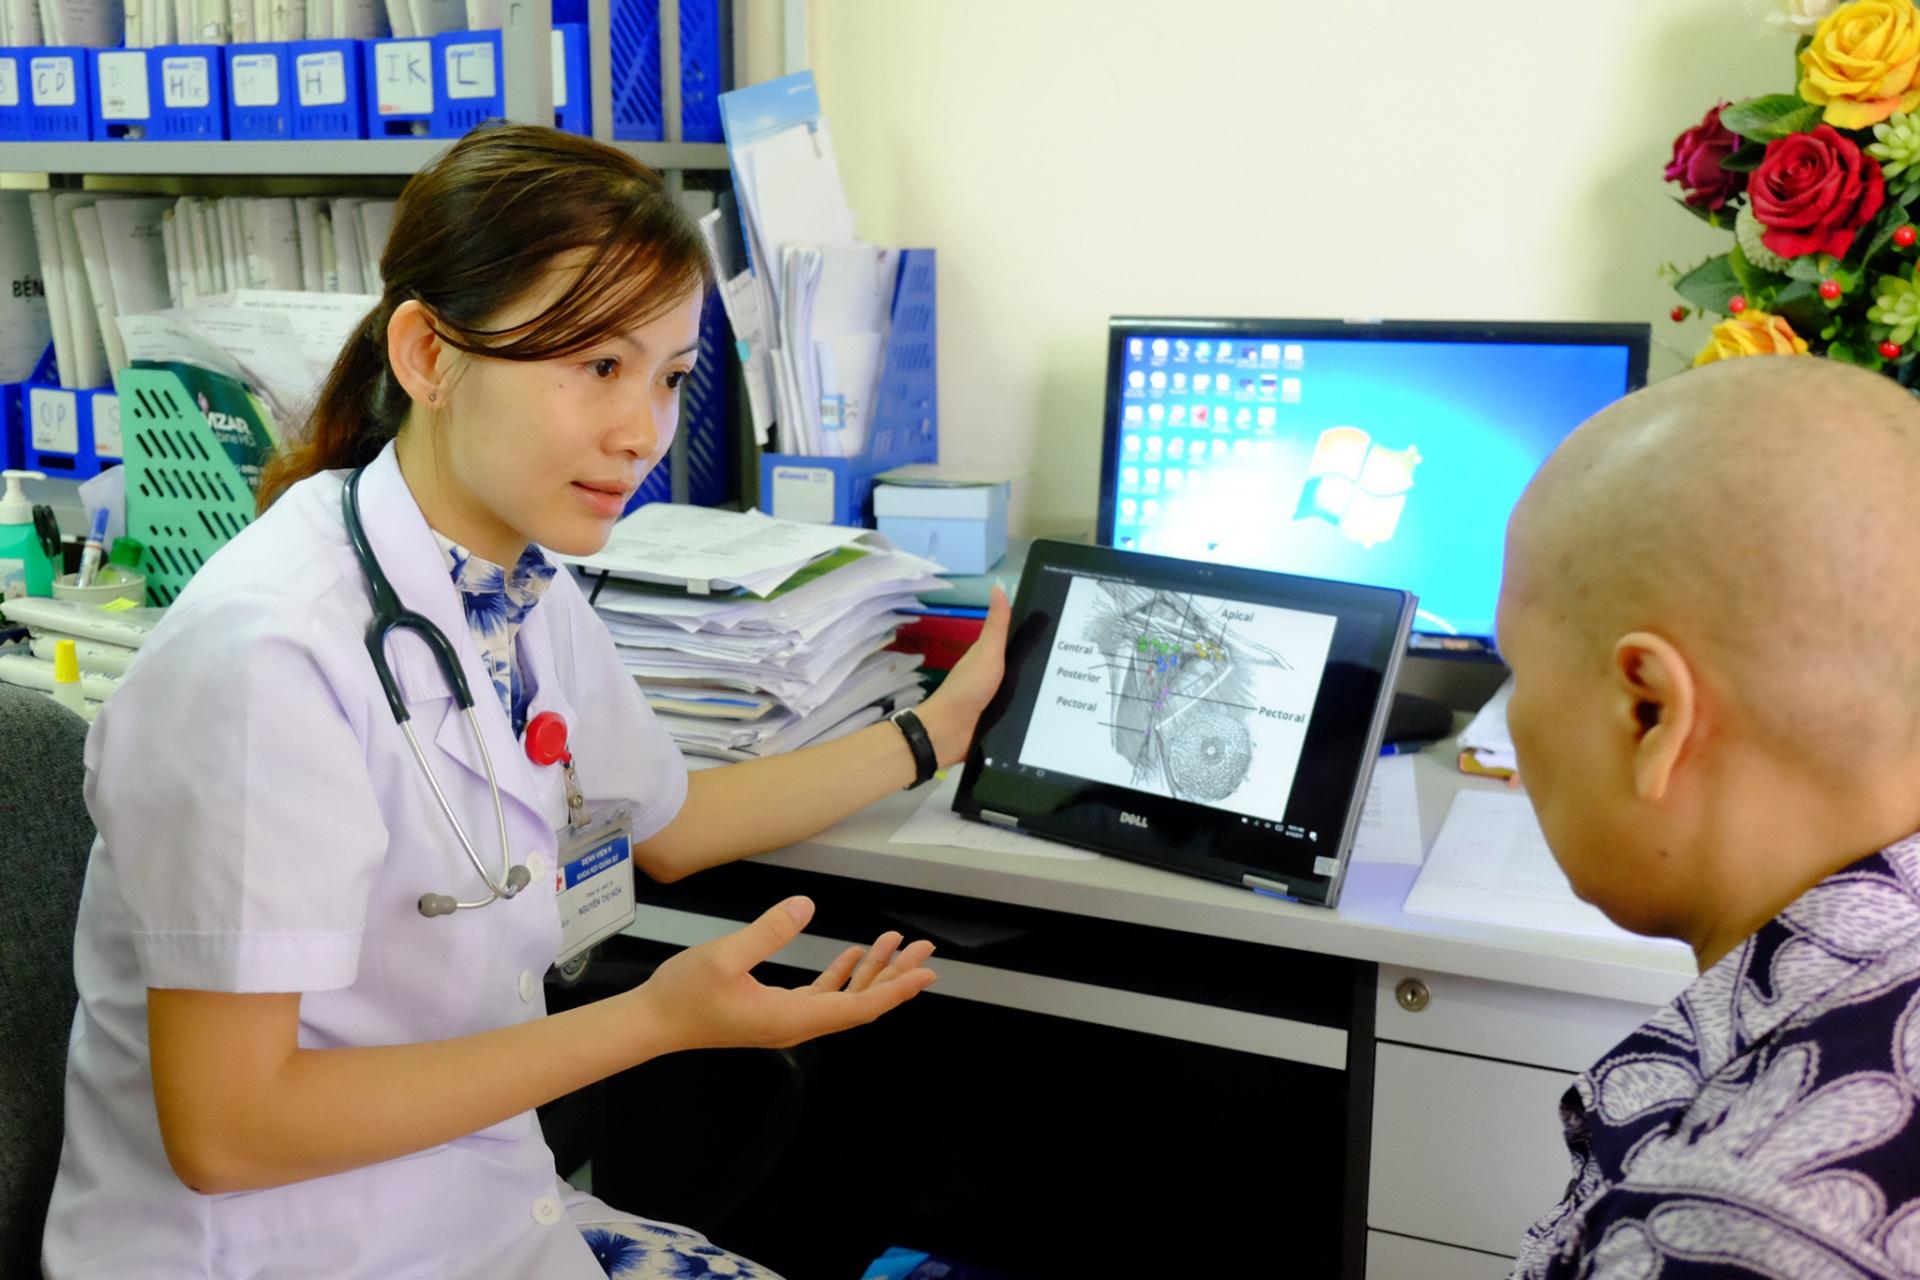 Bệnh nhân rất ít hài lòng về các vấn đề tại bệnh viện (1)